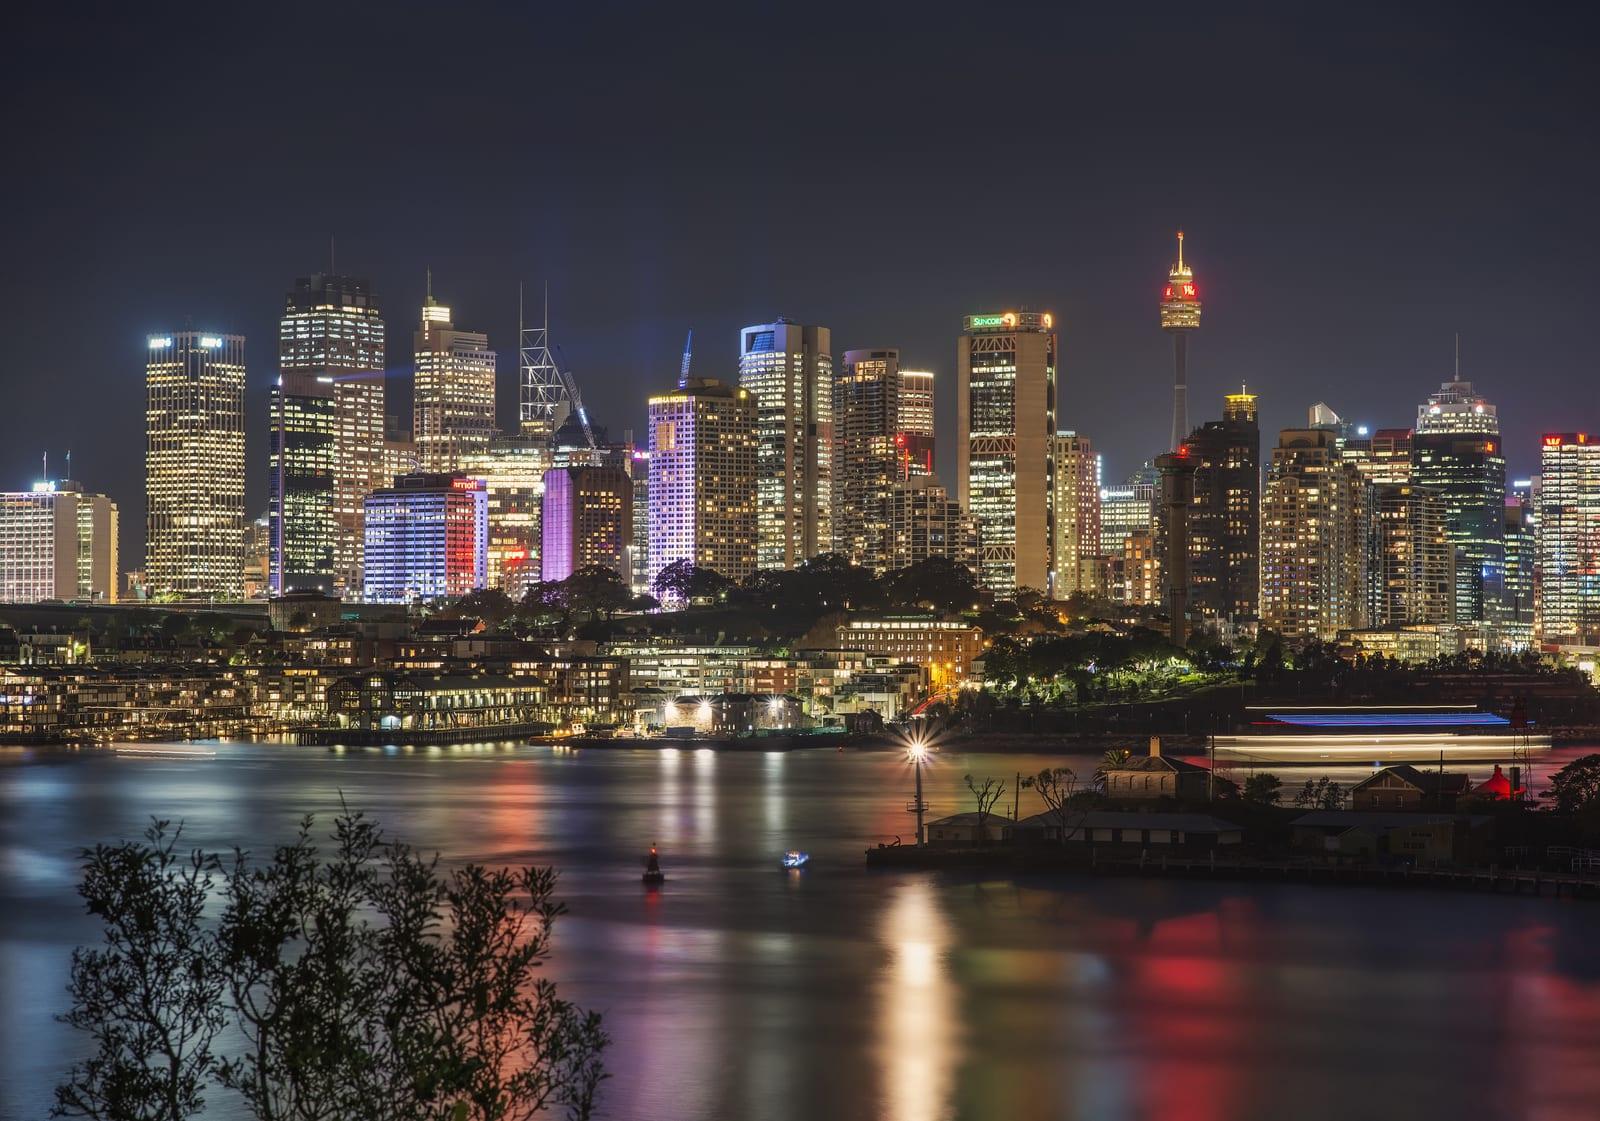 雪梨繁華迷人的夜色景觀。(Flickr授權作者-Lenny K Photography)